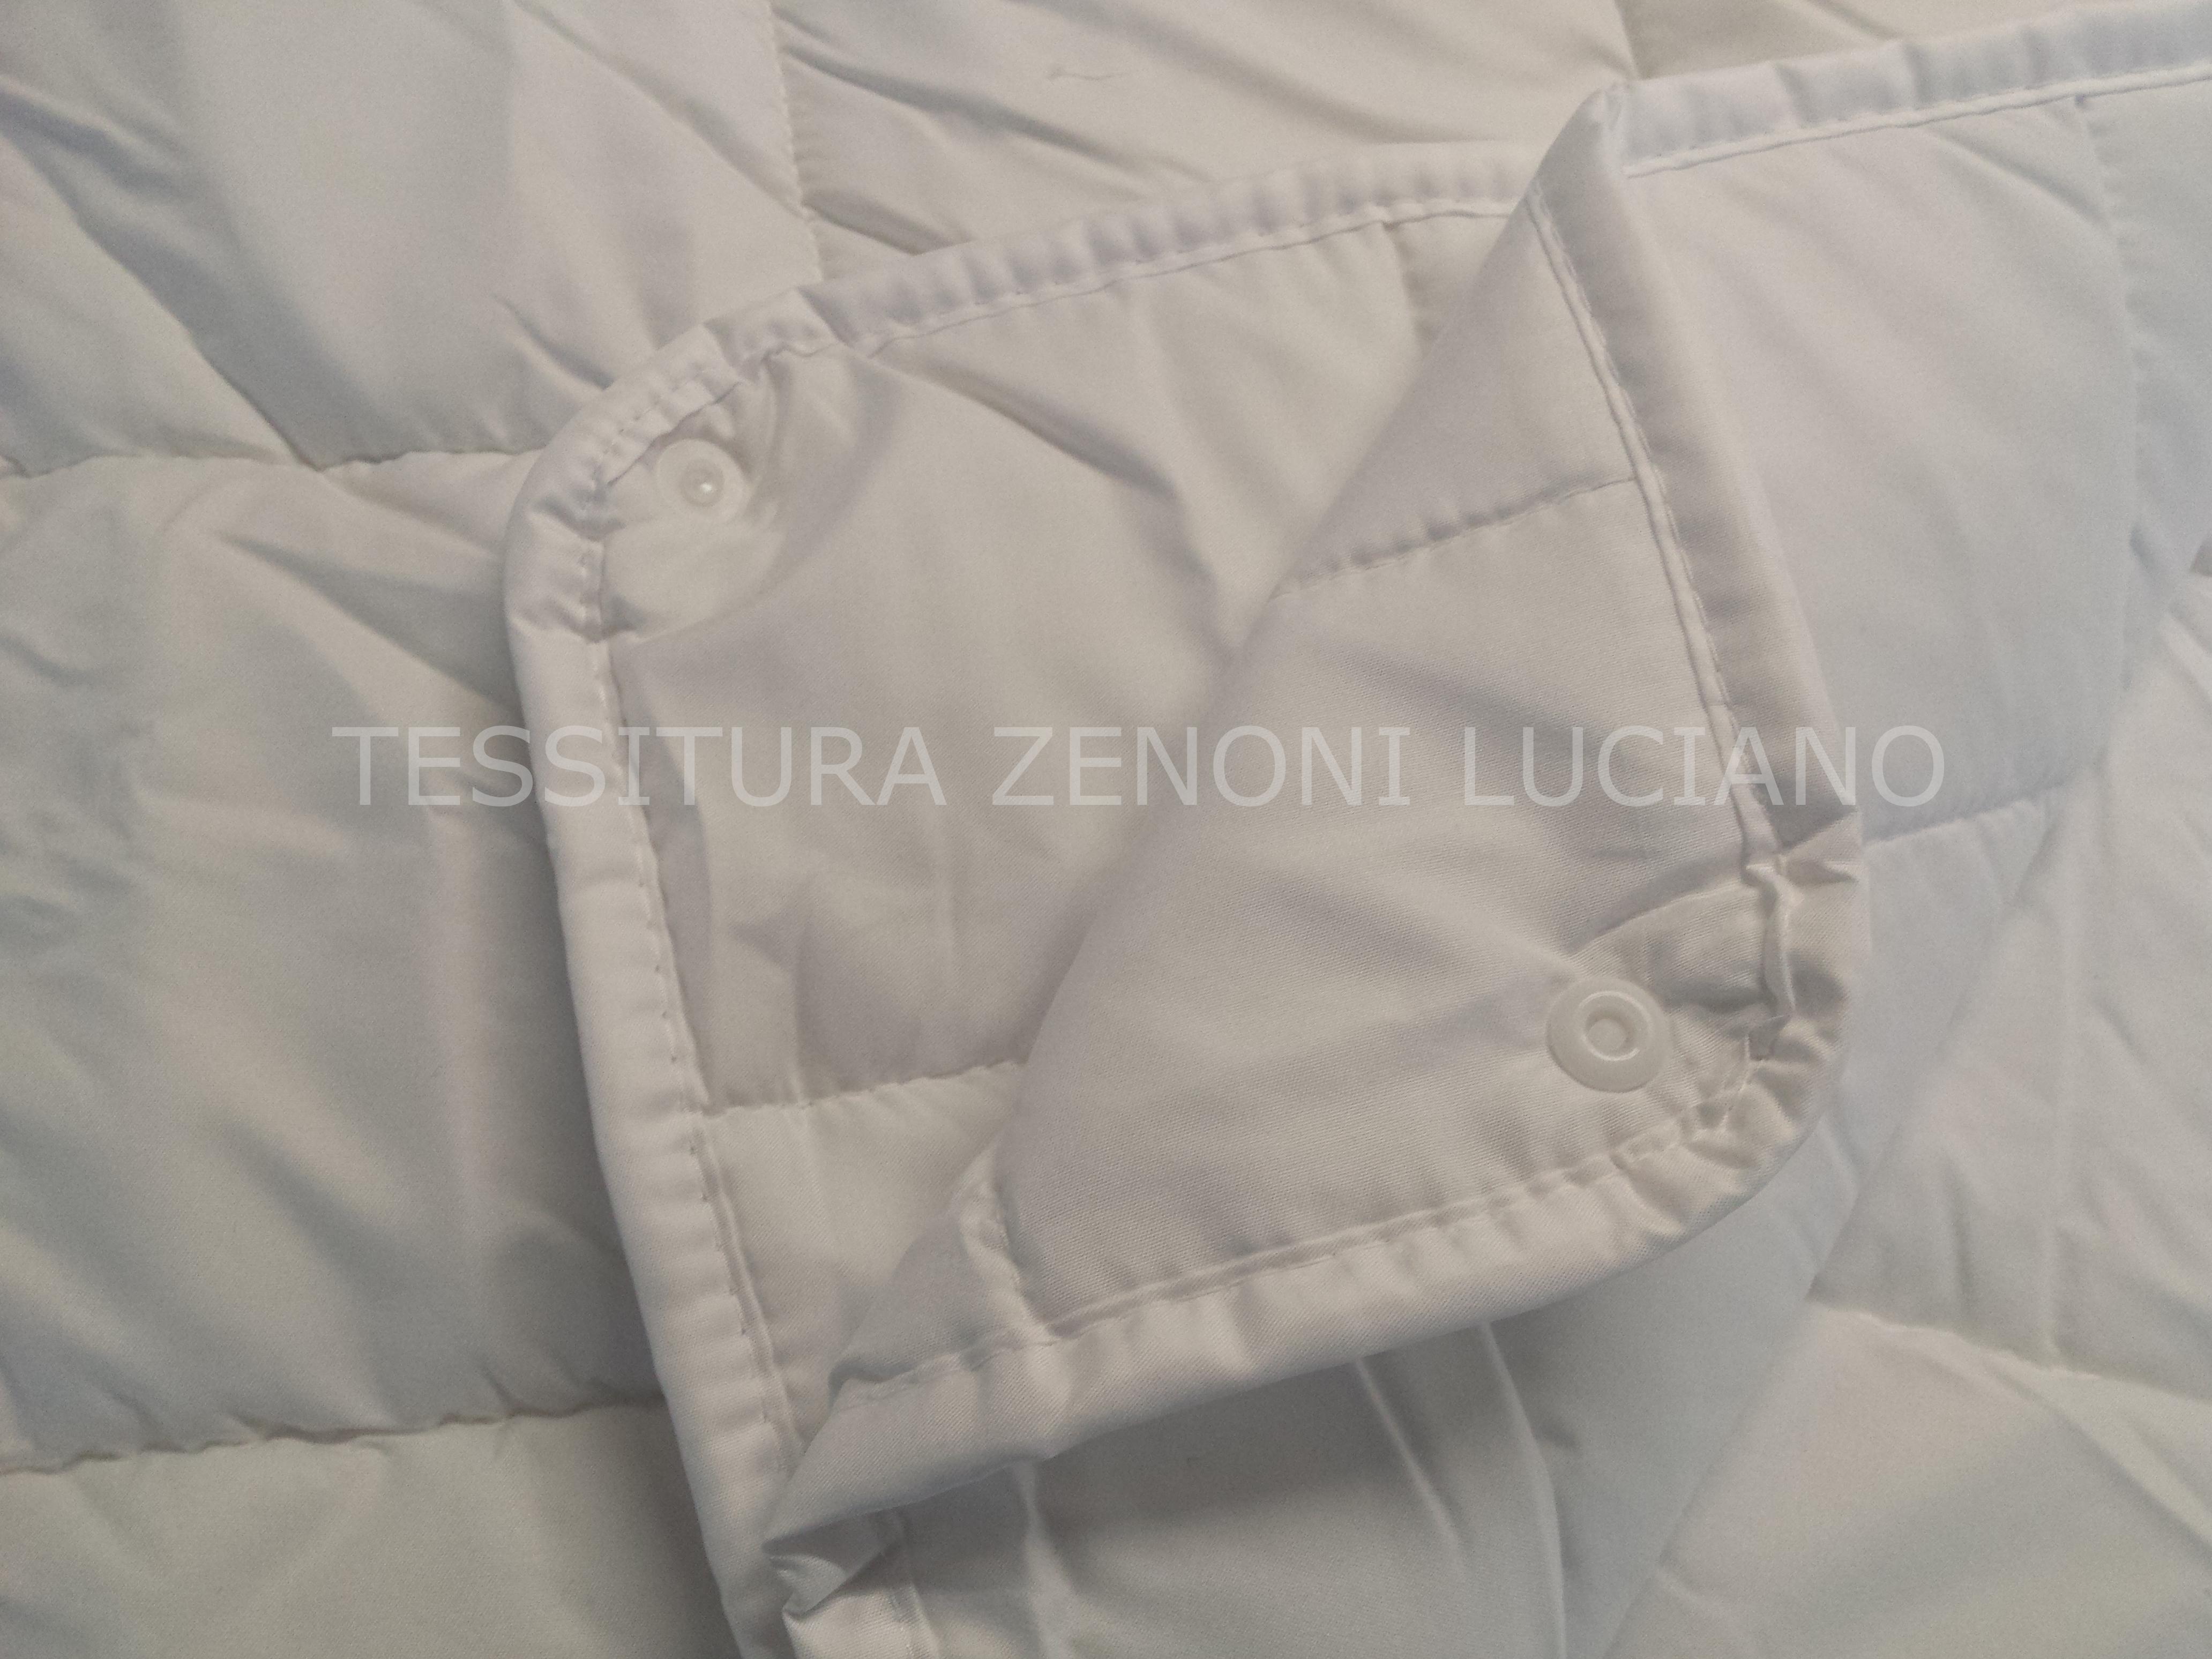 new concept cb27e d0cd2 PIUMINO SINTETICO 4 STAGIONI – Tessitura Zenoni Luciano